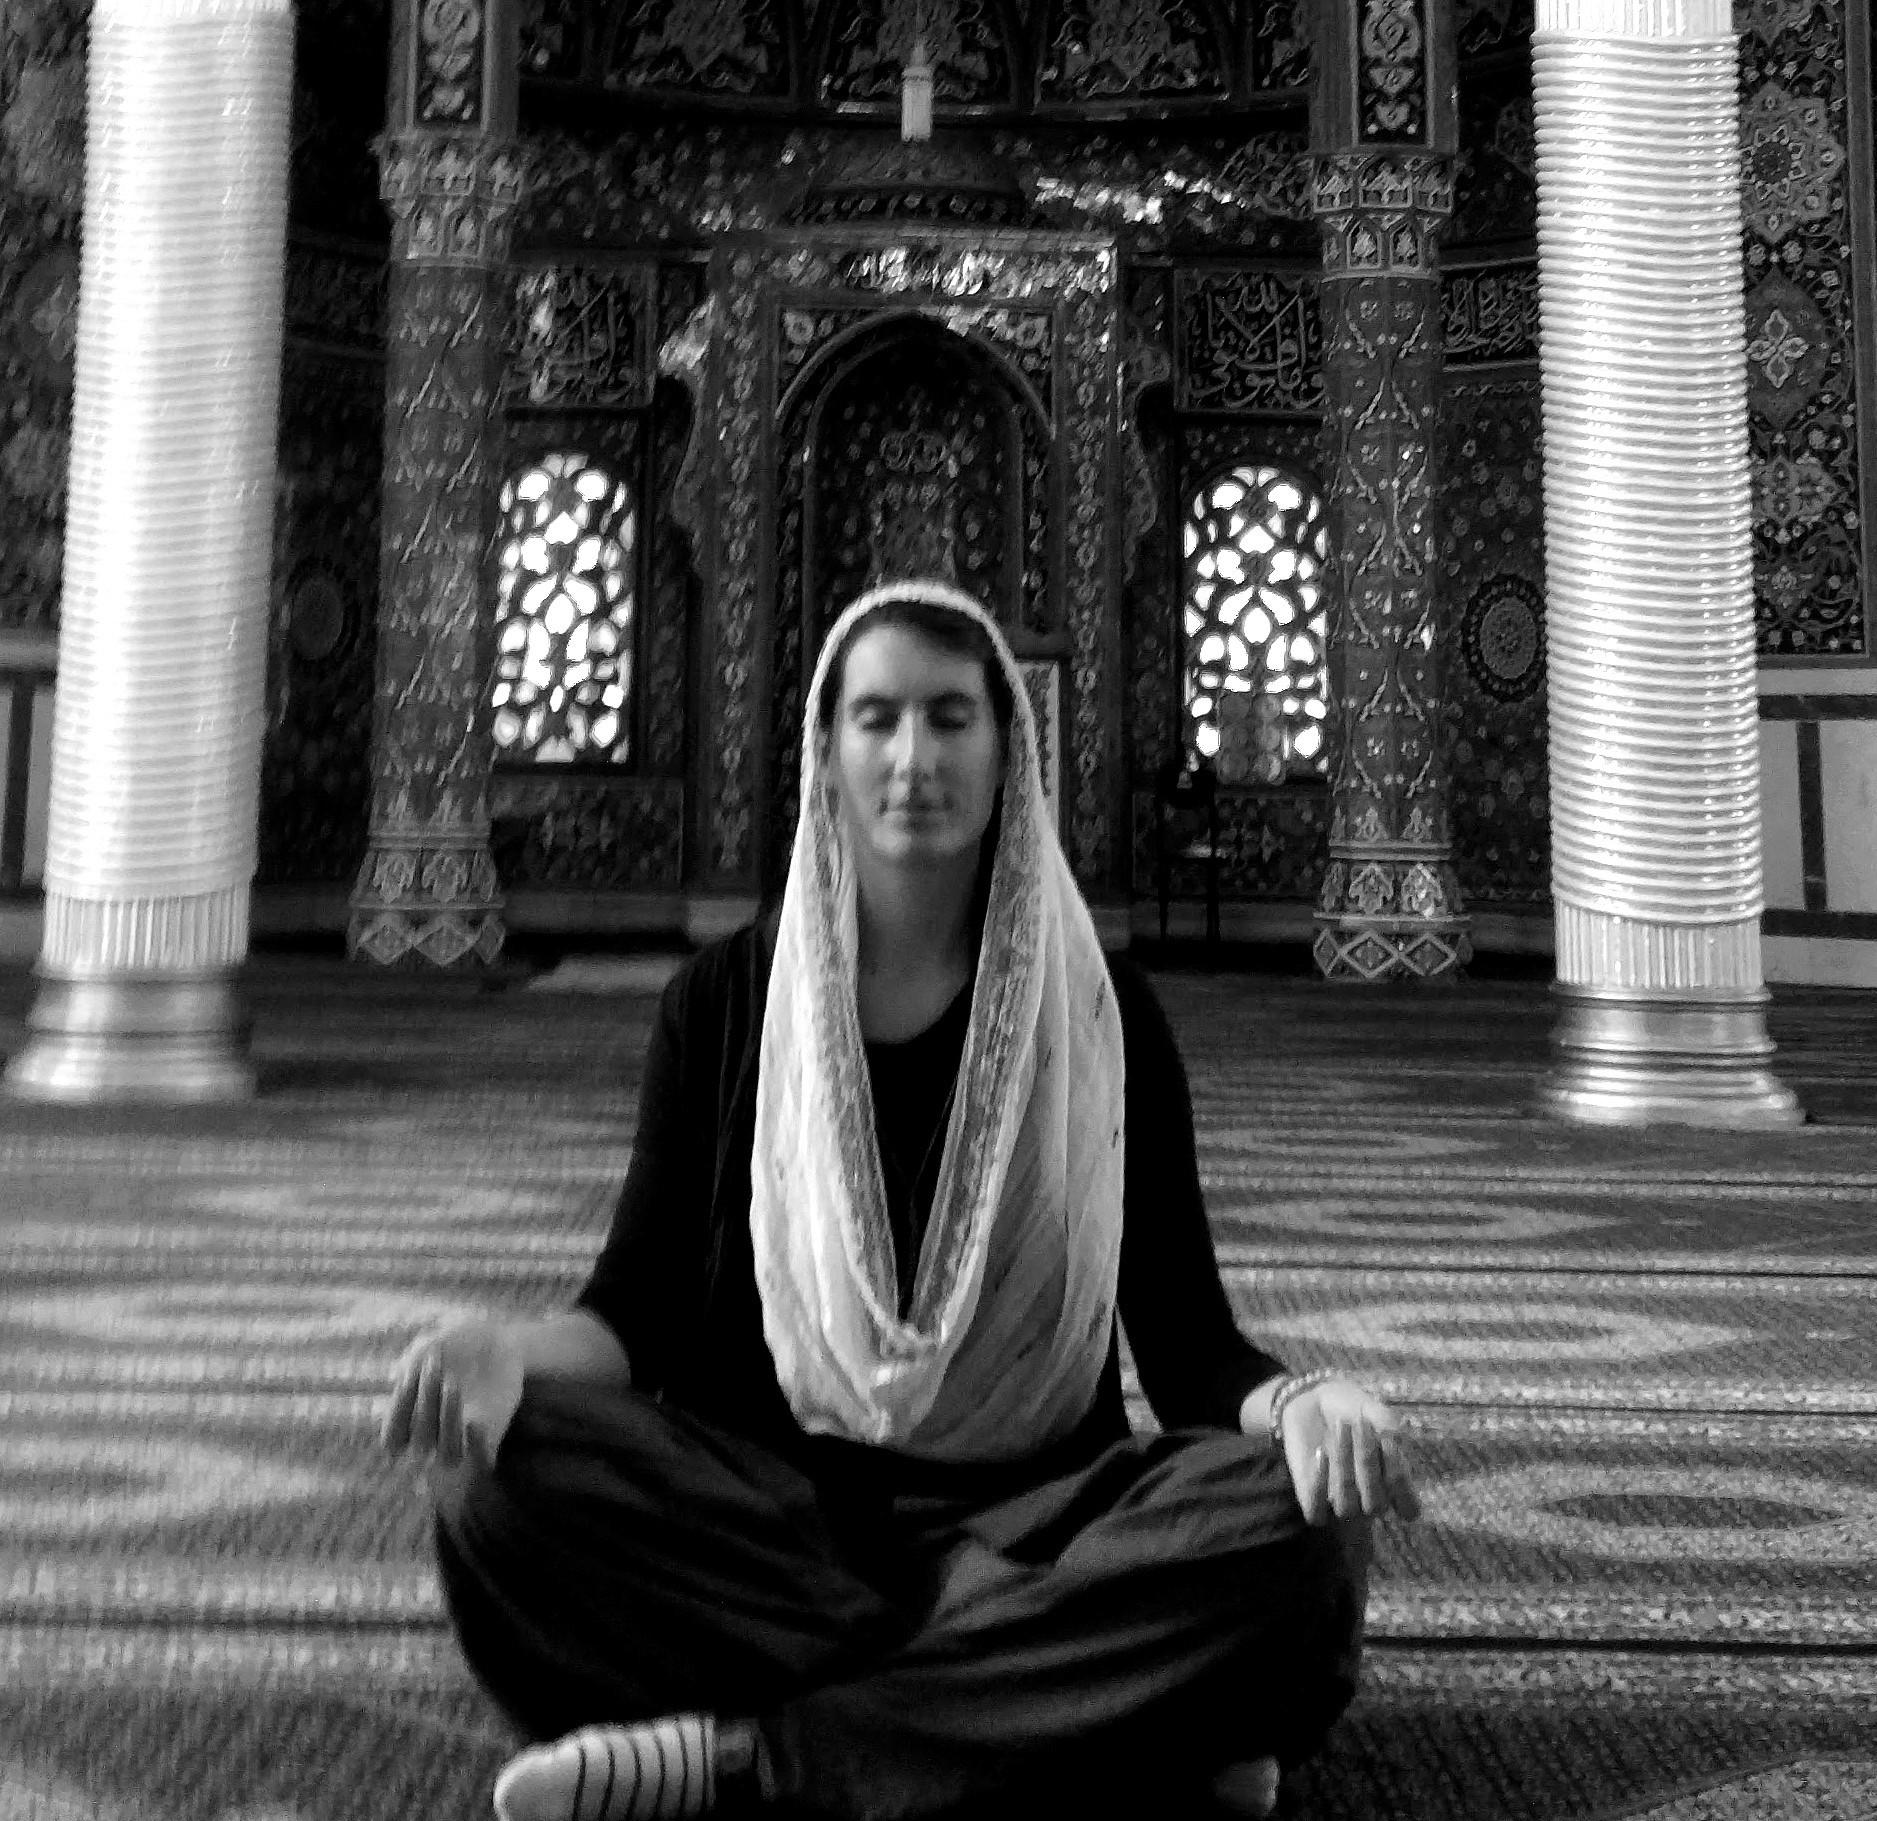 comment le mot ALLAH parle directement de l'harmonisation avec le moi supérieur, le contact avec l'ange gardien Untitl43